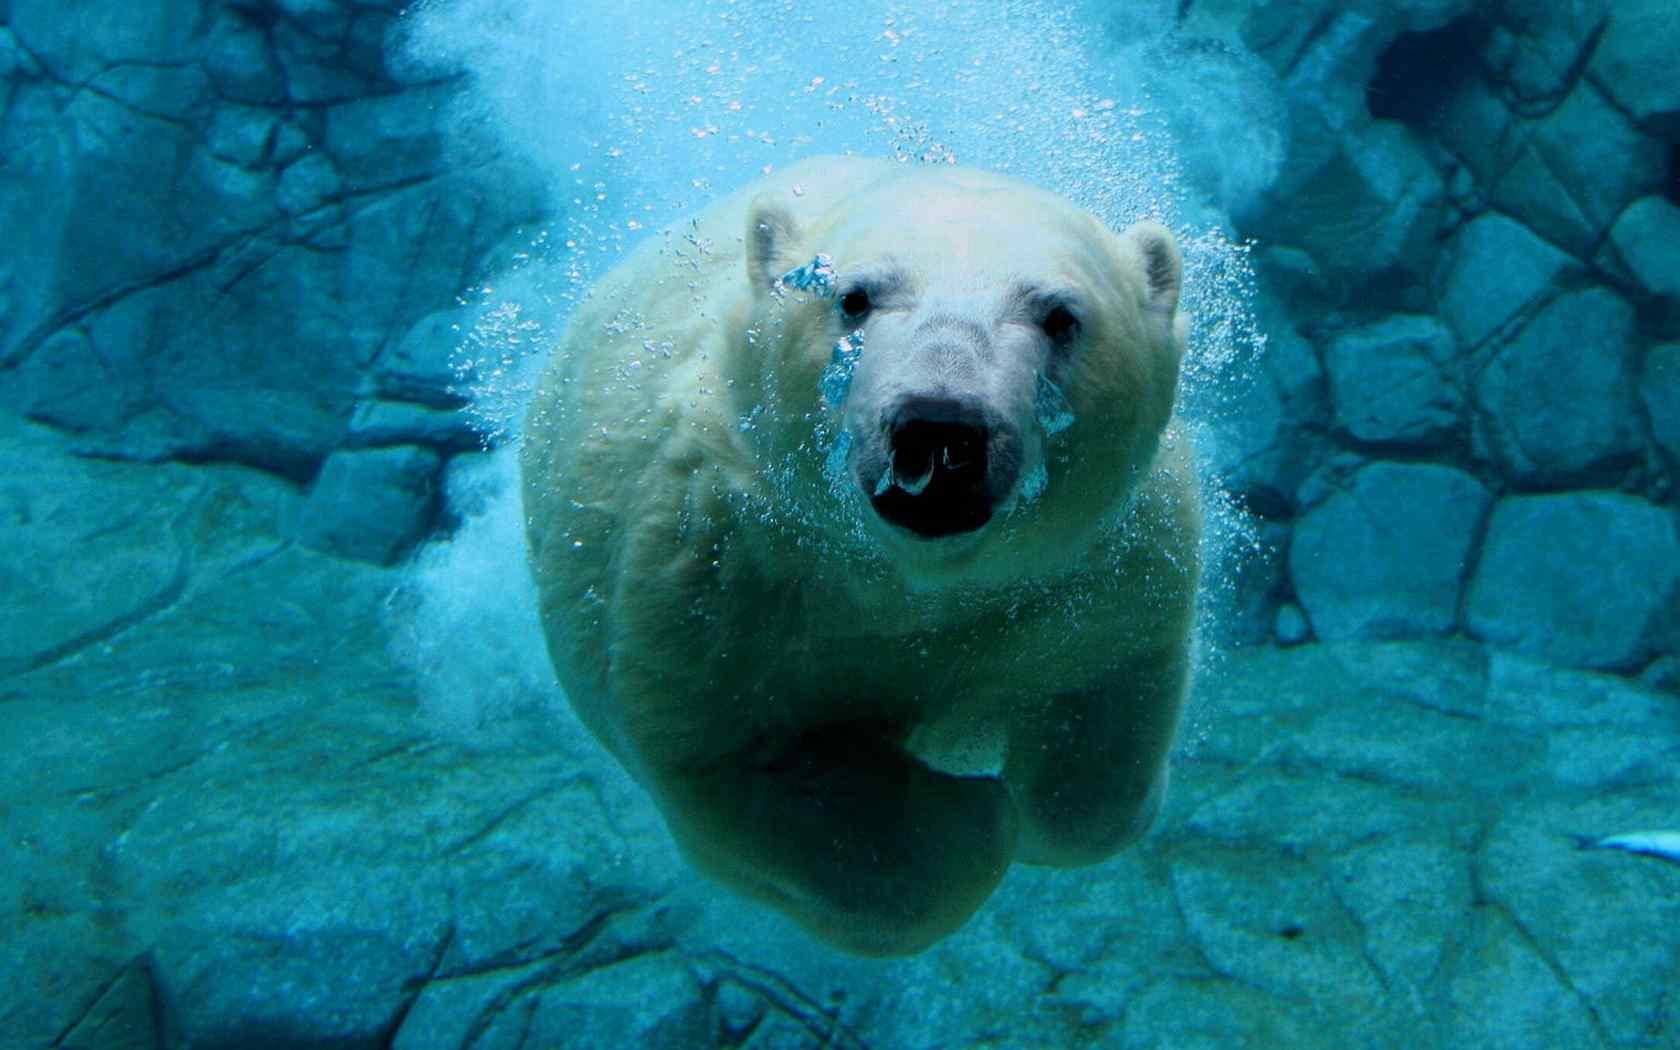 动物壁纸 > 在海里游泳的可爱北极熊高清电脑桌面